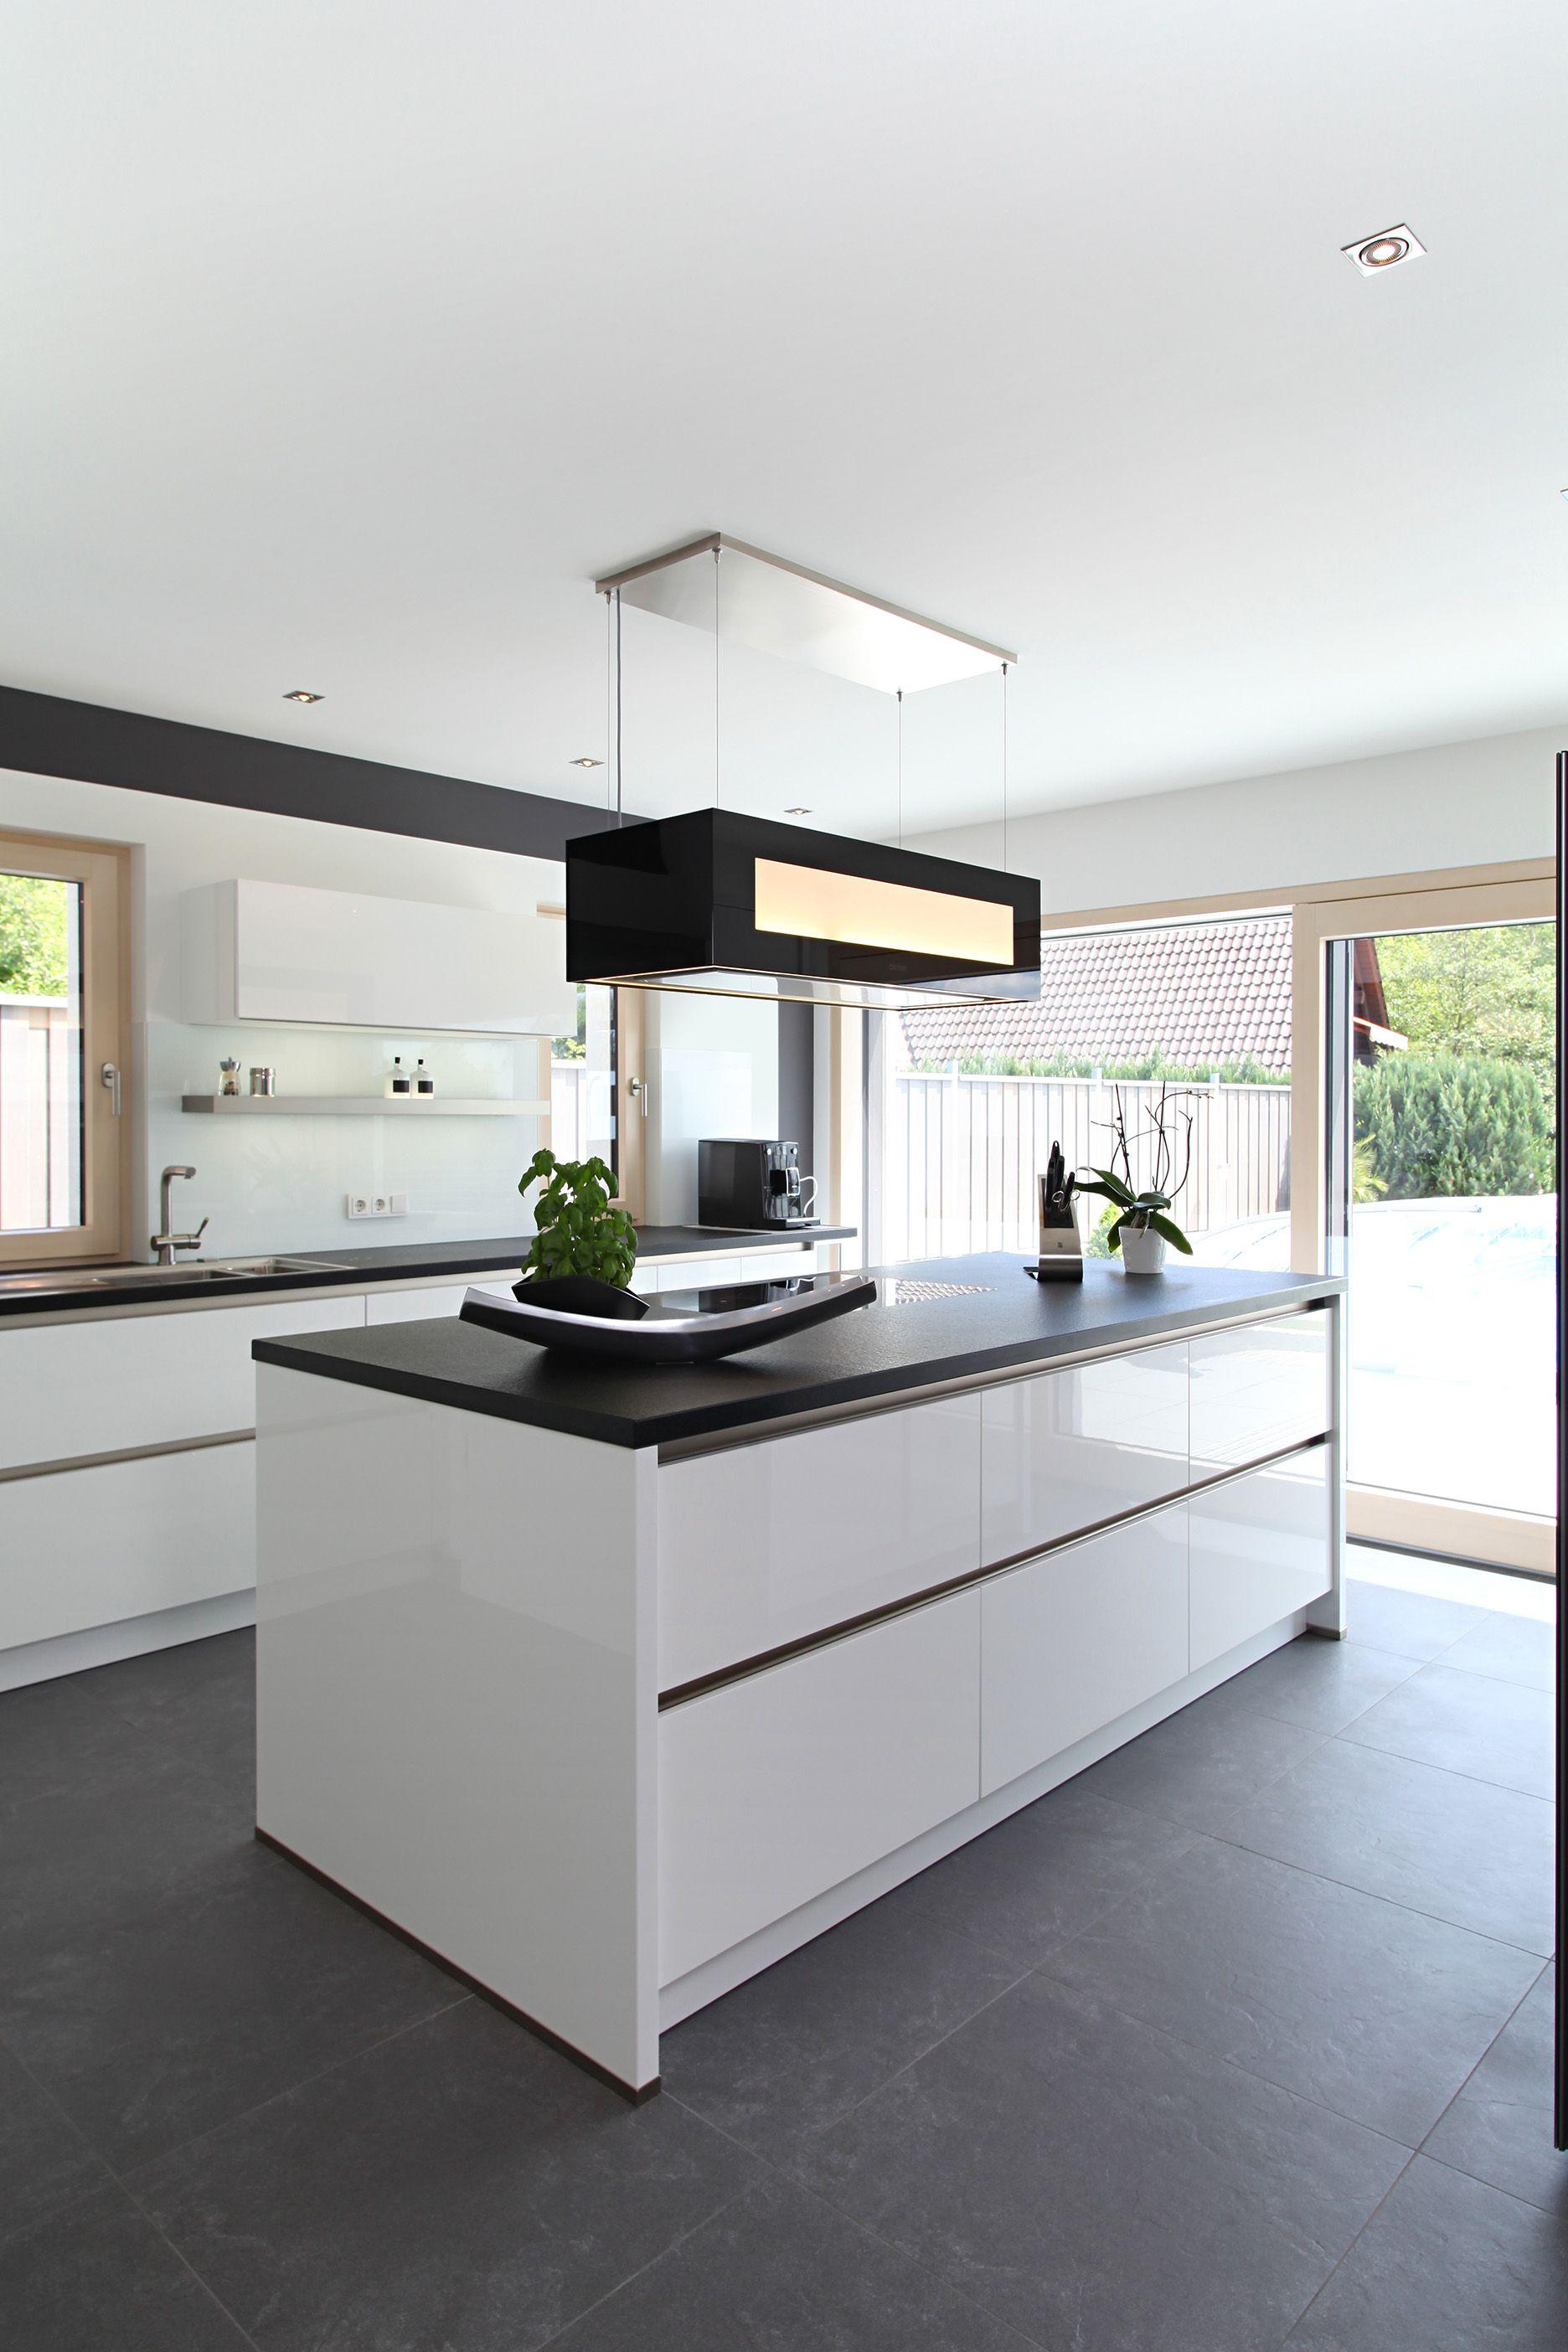 Moderne Kücheninsel mit schwarzen Fliesen  Kitchen  Pinterest